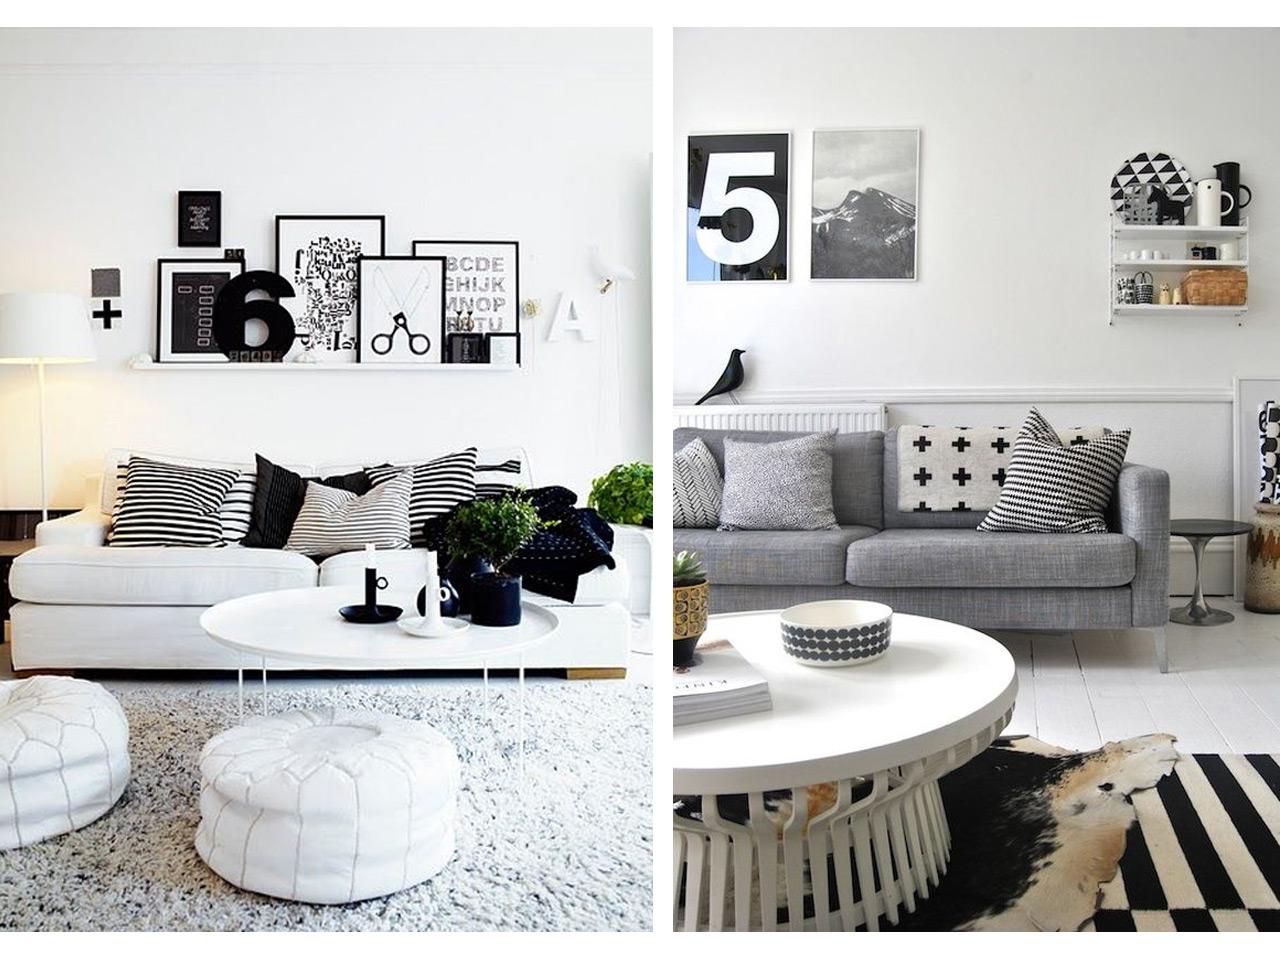 La decoraci n n rdica est de moda descubre los mejores - Salones estilo nordico ...